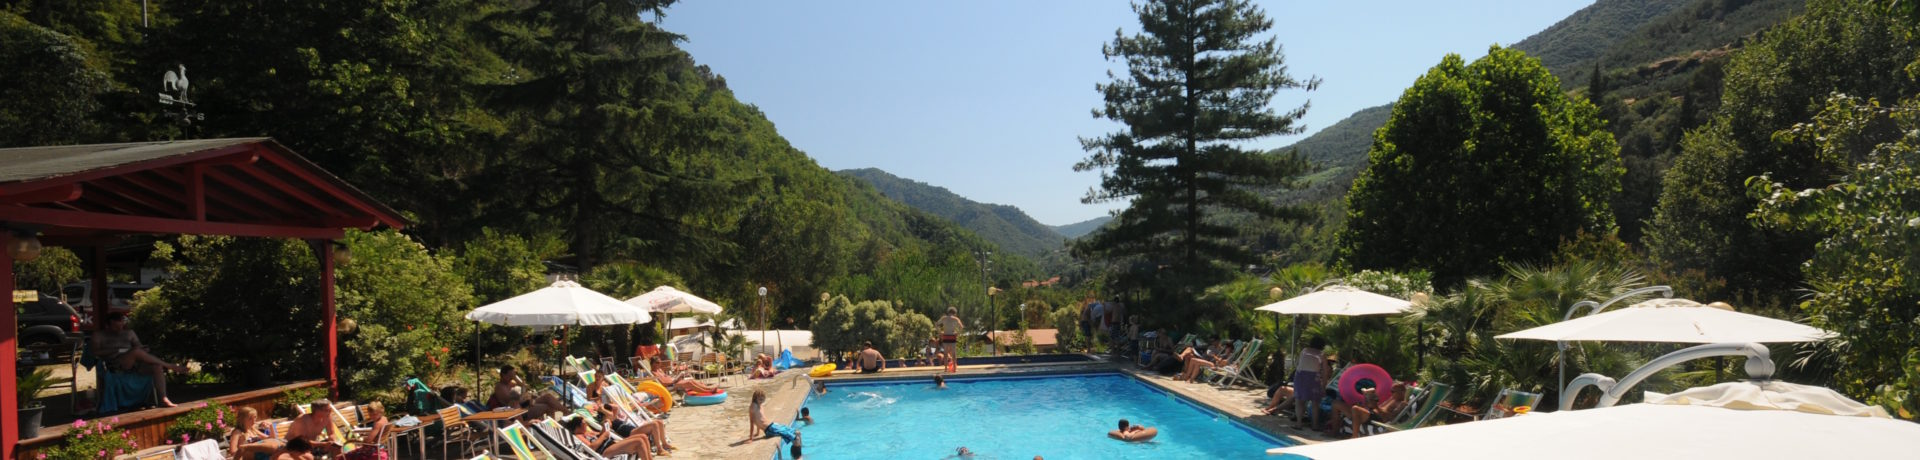 Camping Delle Rose in Isolabona is een kleine camping met zwembad aan de Bloemenrivèra in Ligurië.